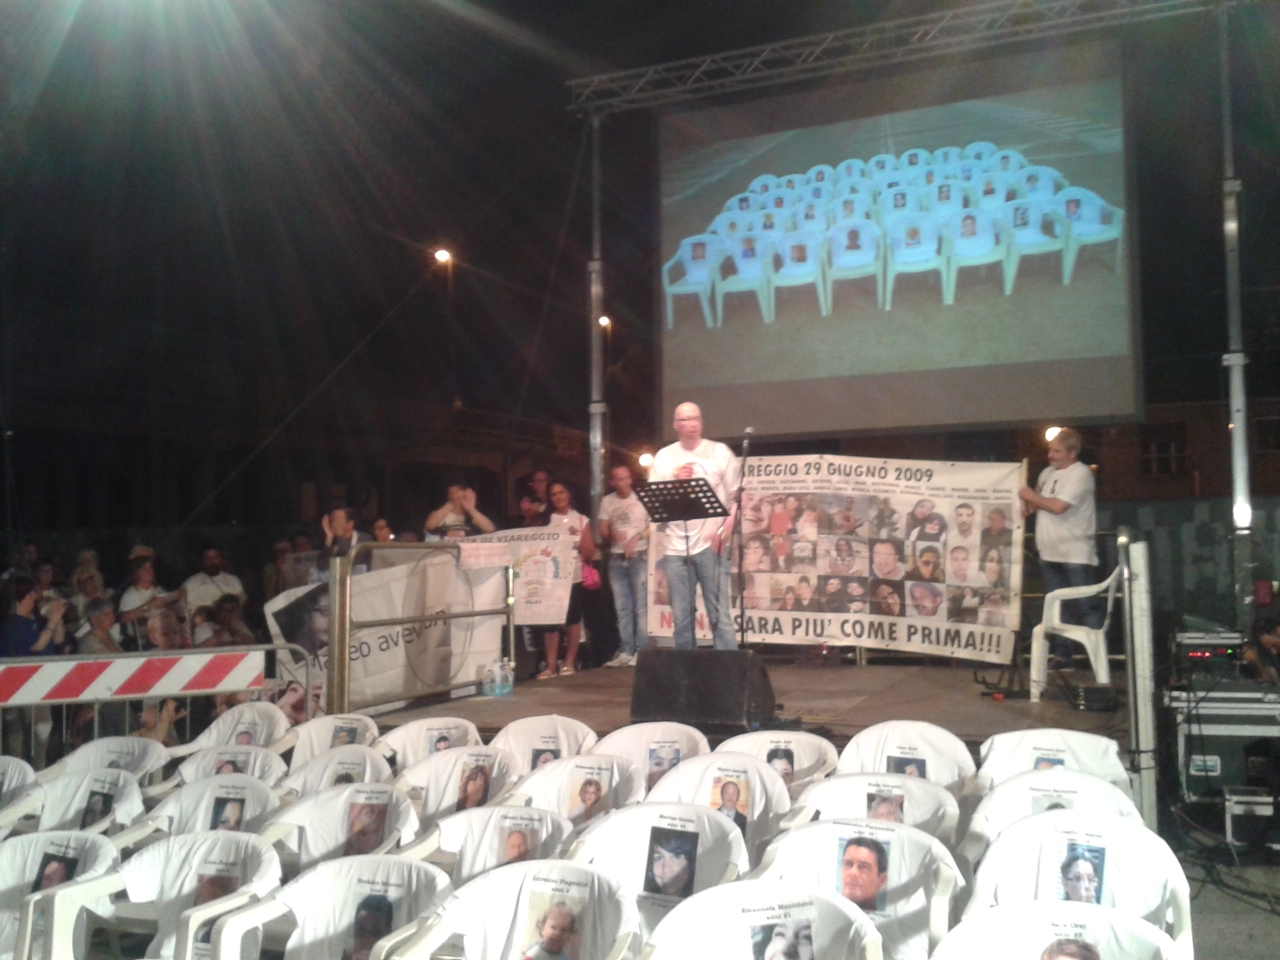 """Piagentini: """"Il silenzio dello Stato ci umilia e ferisce"""""""